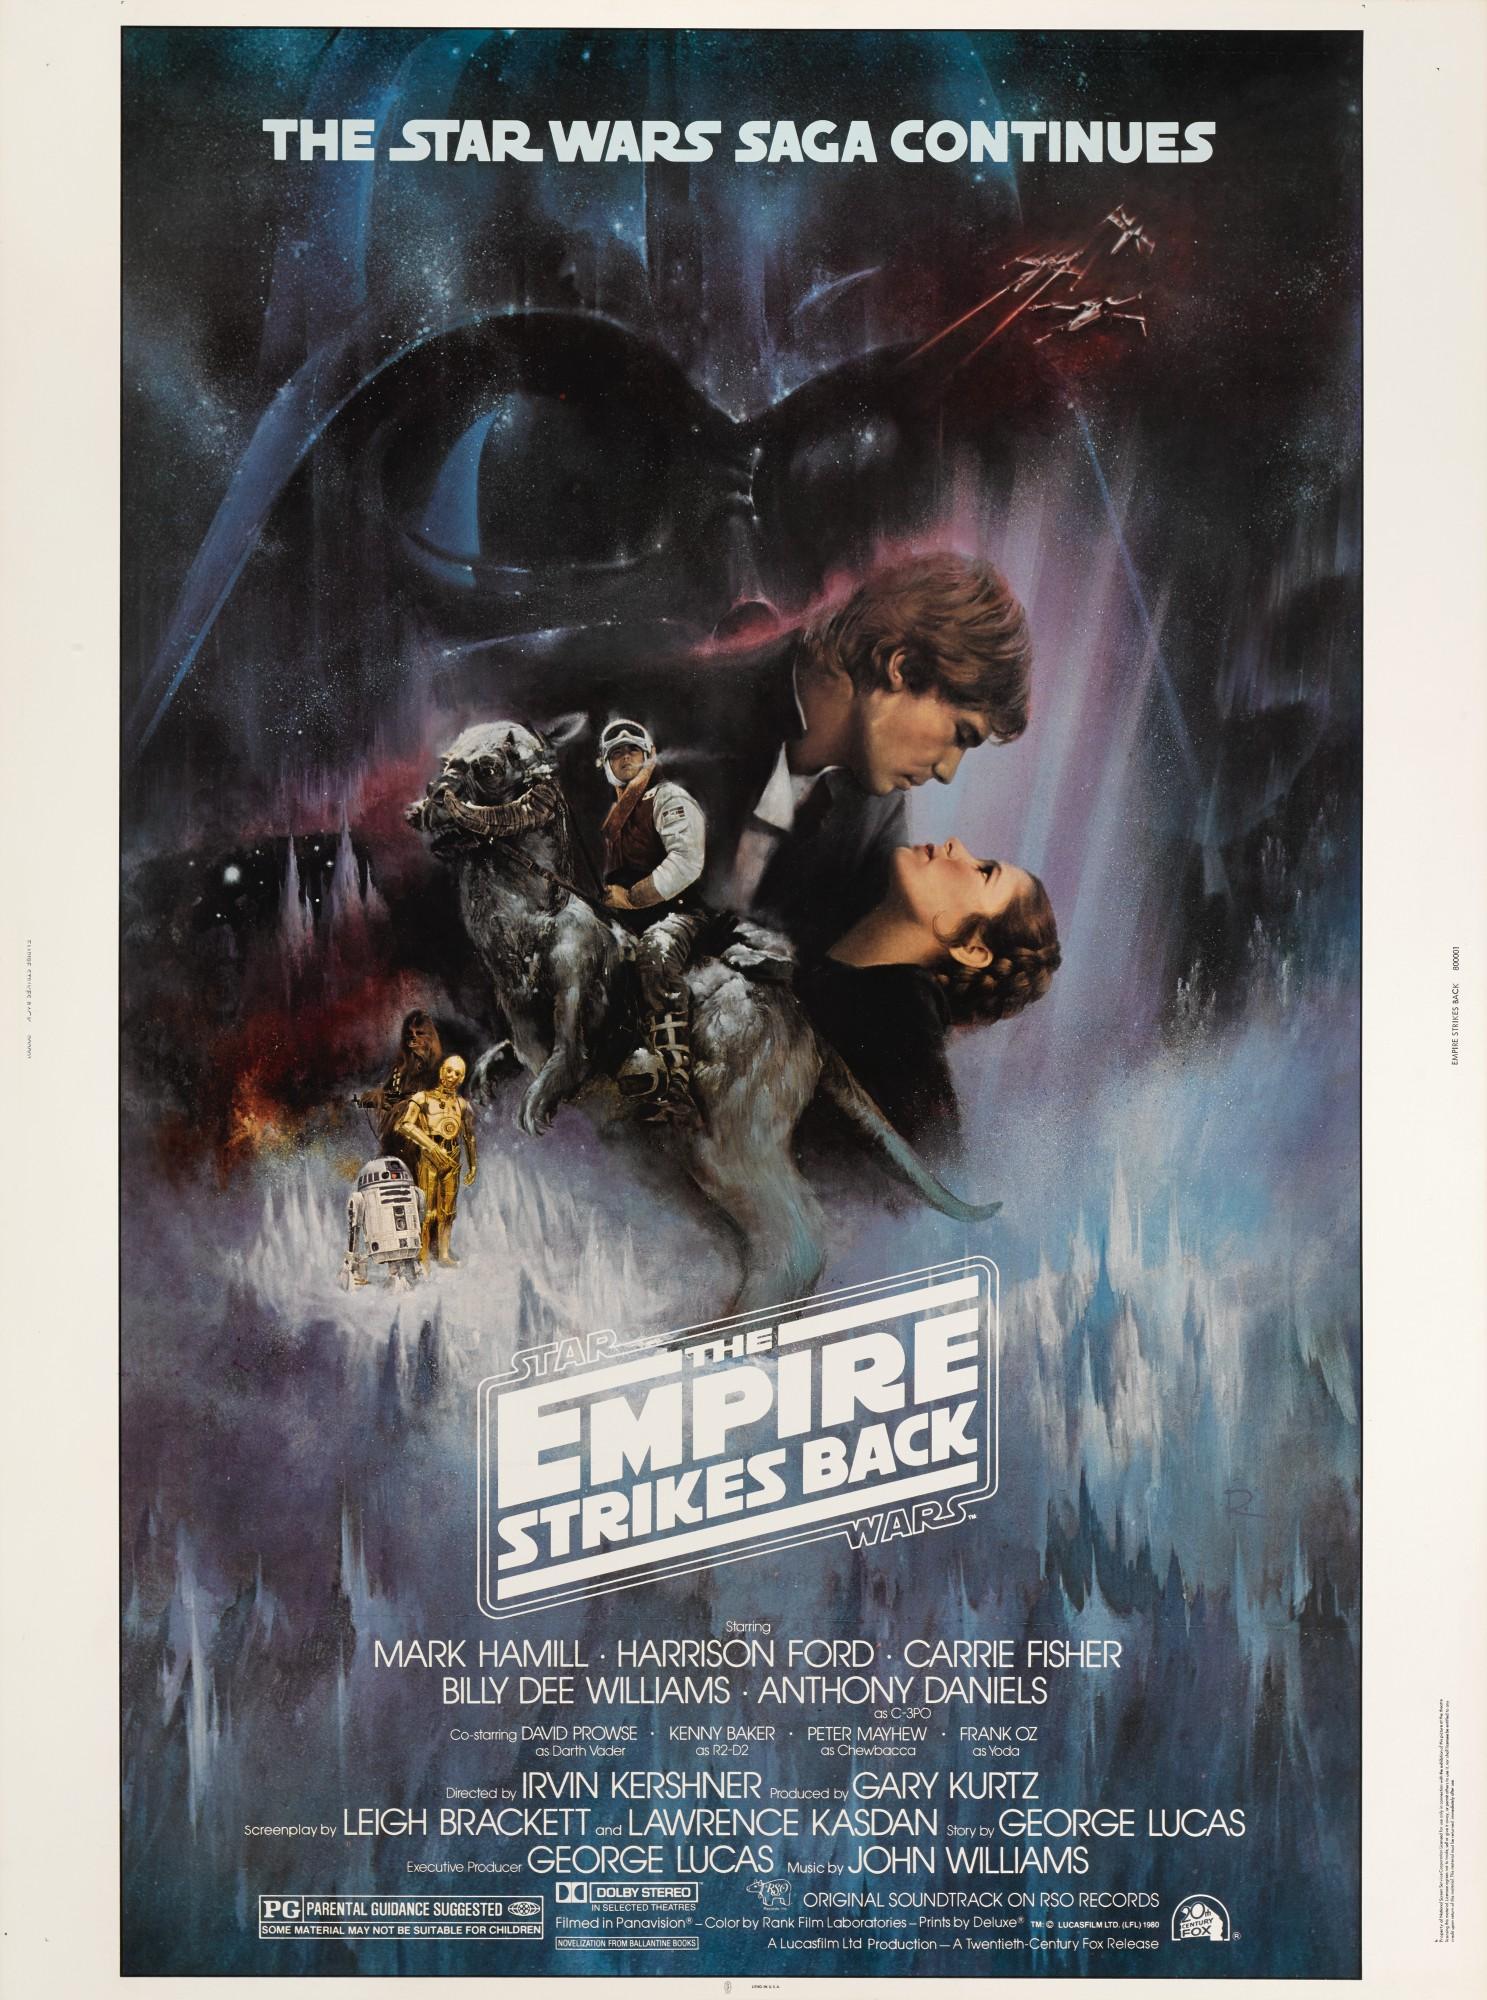 empire strikes back hong kong style st